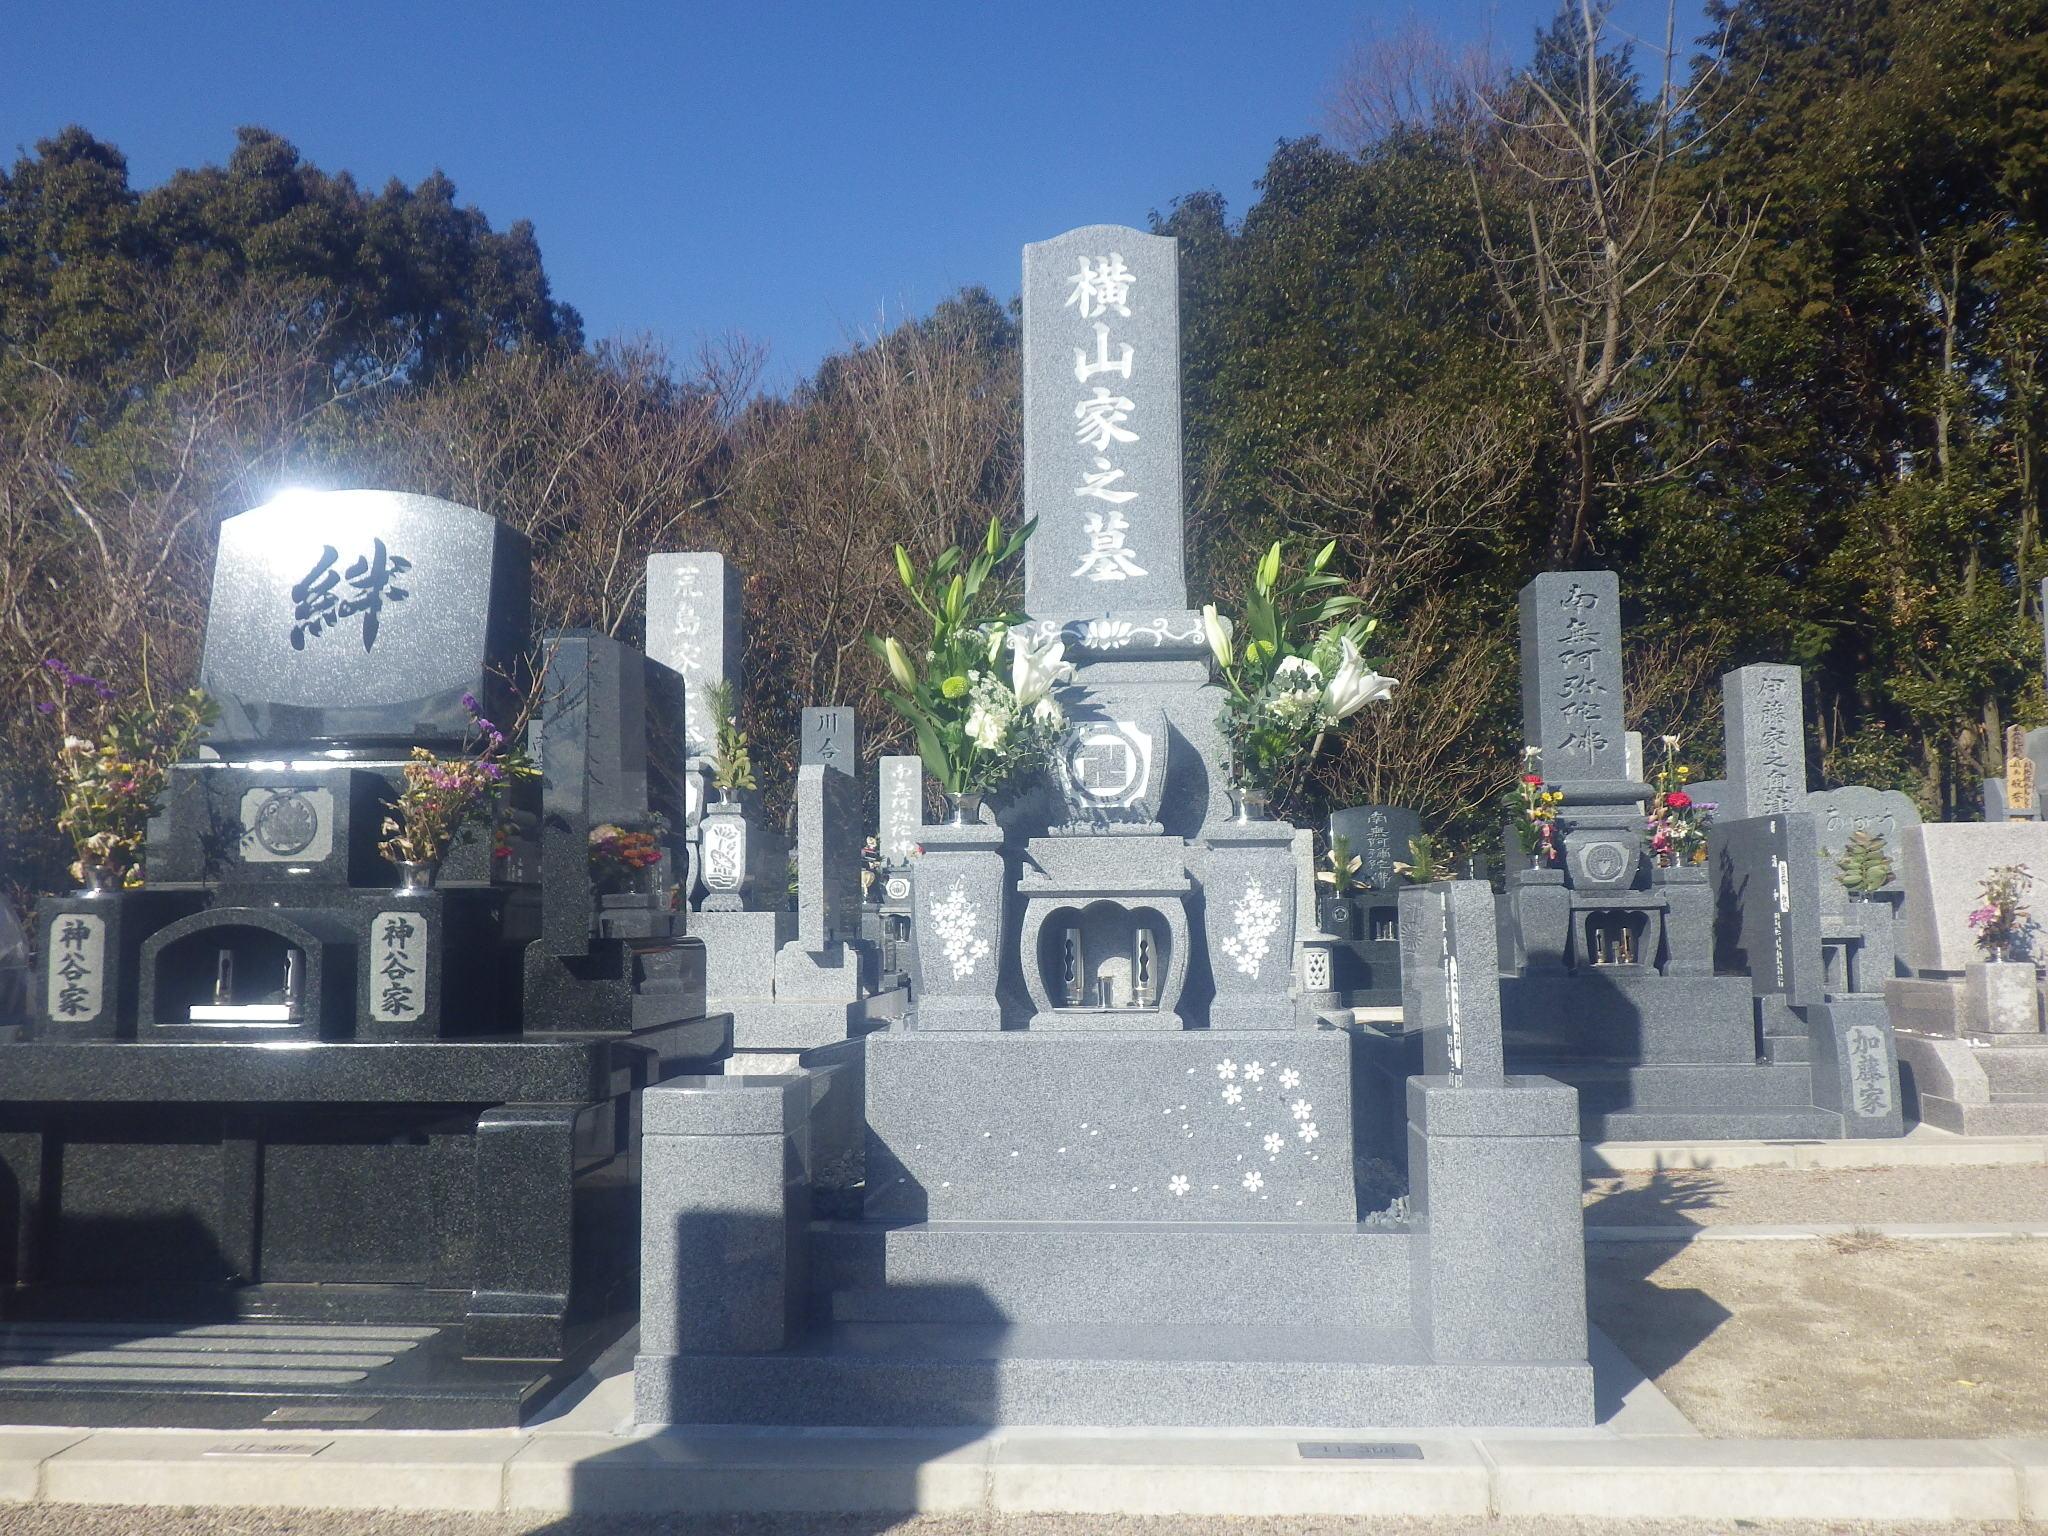 201501 ○岡崎市才栗町 岡崎墓園( I1-368 ) 中国産 G130 デザイン墓地 横山美穂様